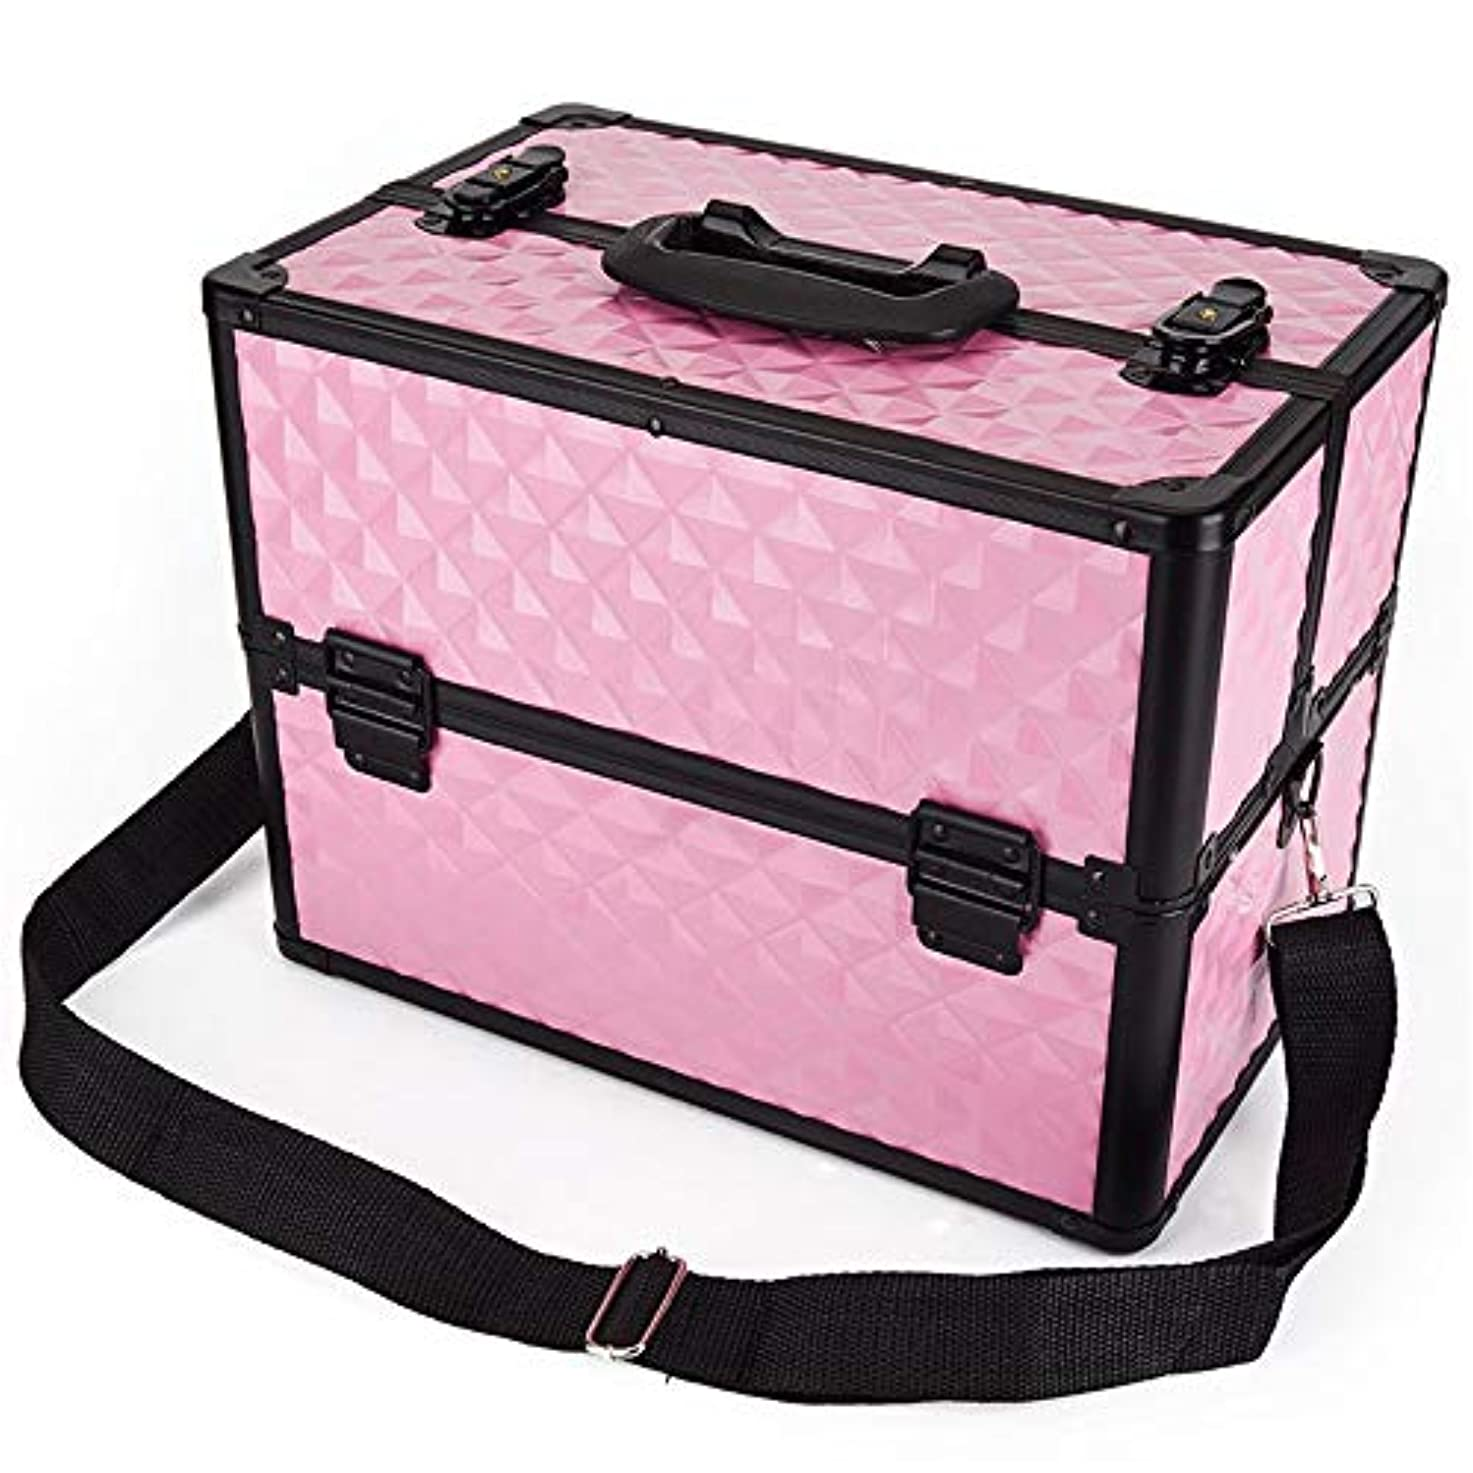 欺母絡み合い化粧オーガナイザーバッグ 多機能ポータブルプロの旅行メイクアップバッグパターンメイクアップアーティストケーストレインボックス化粧品オーガナイザー収納用十代の女の子女性アーティスト 化粧品ケース (色 : ピンク)